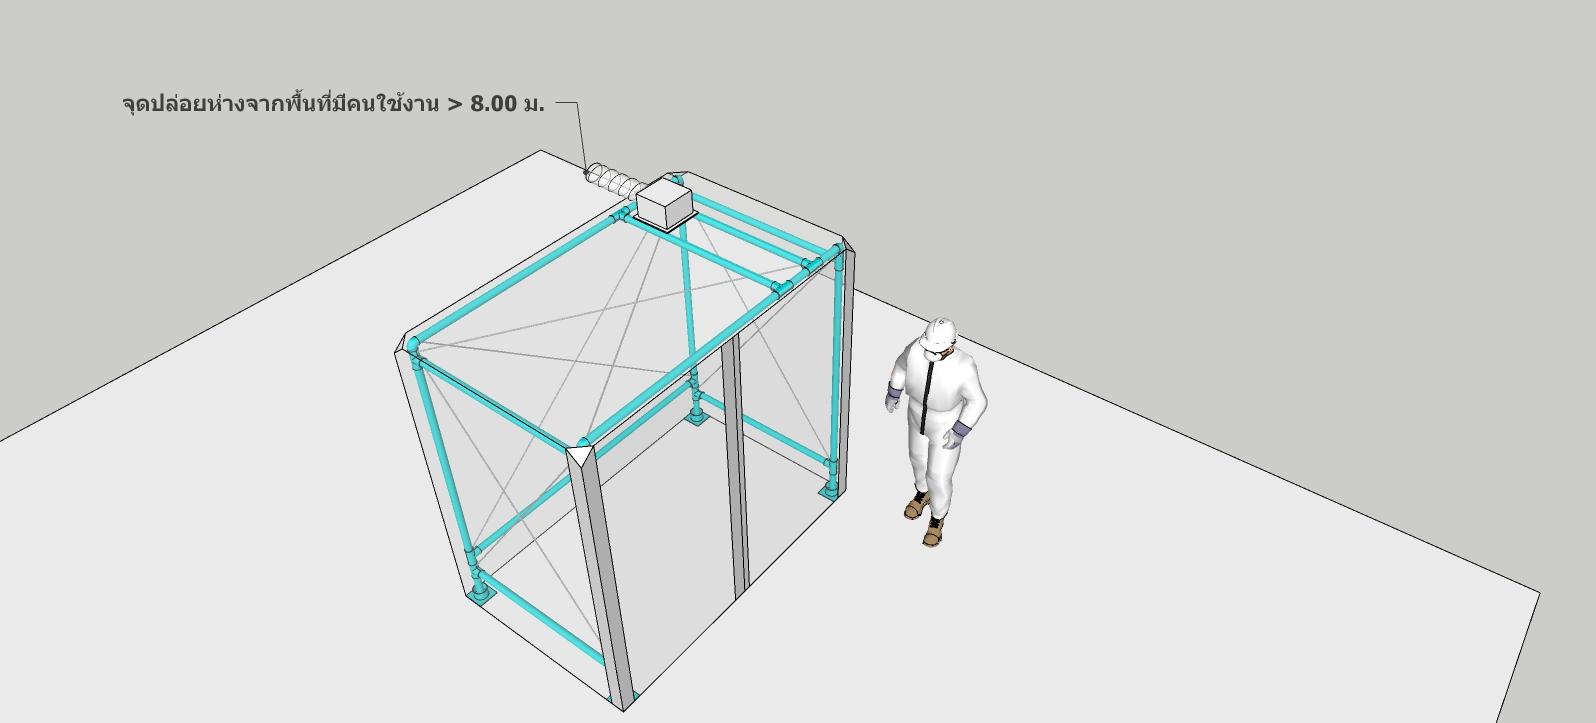 ห้องแยกการติดเชื้อทางอากาศความดันลบ EIT-01-1/24032020 (Airborne Inflection Isolation Room หรือ AIIR)